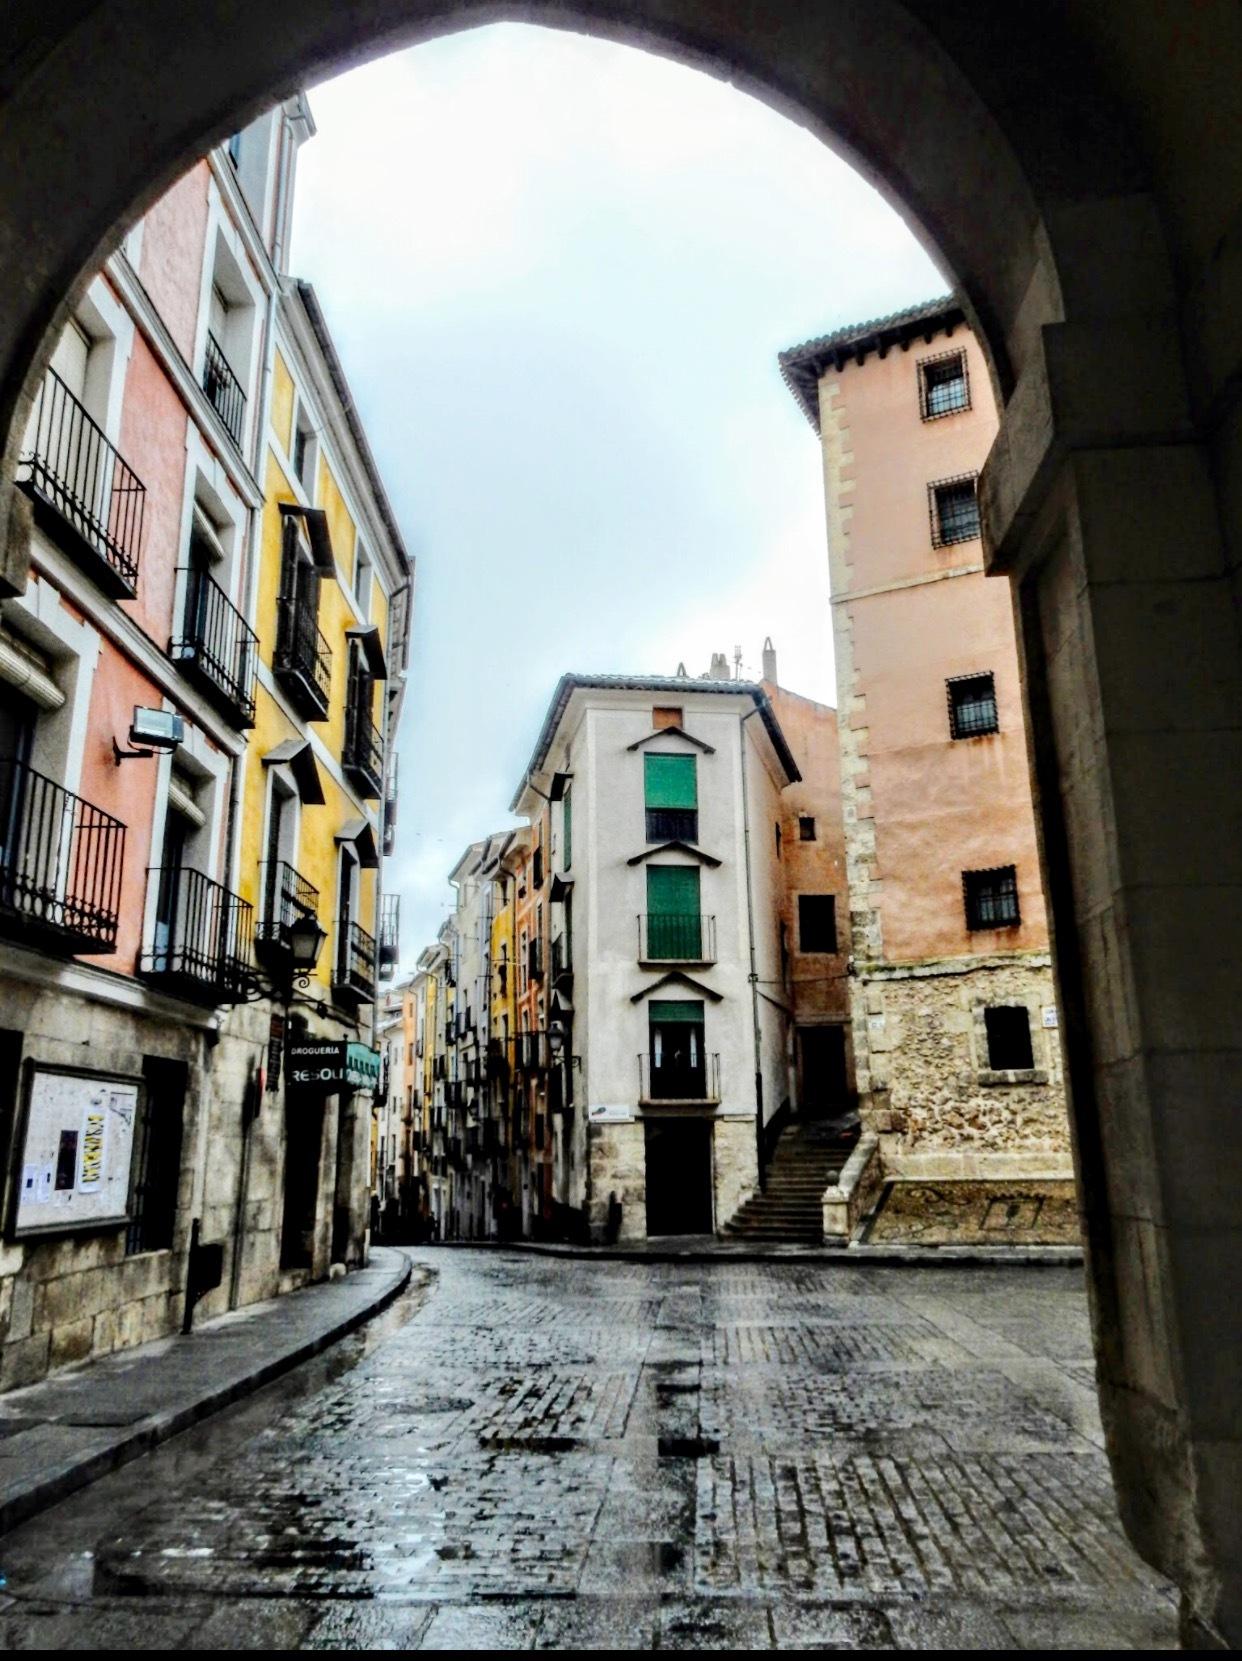 It rains in Cuenca by Gregorio Emper